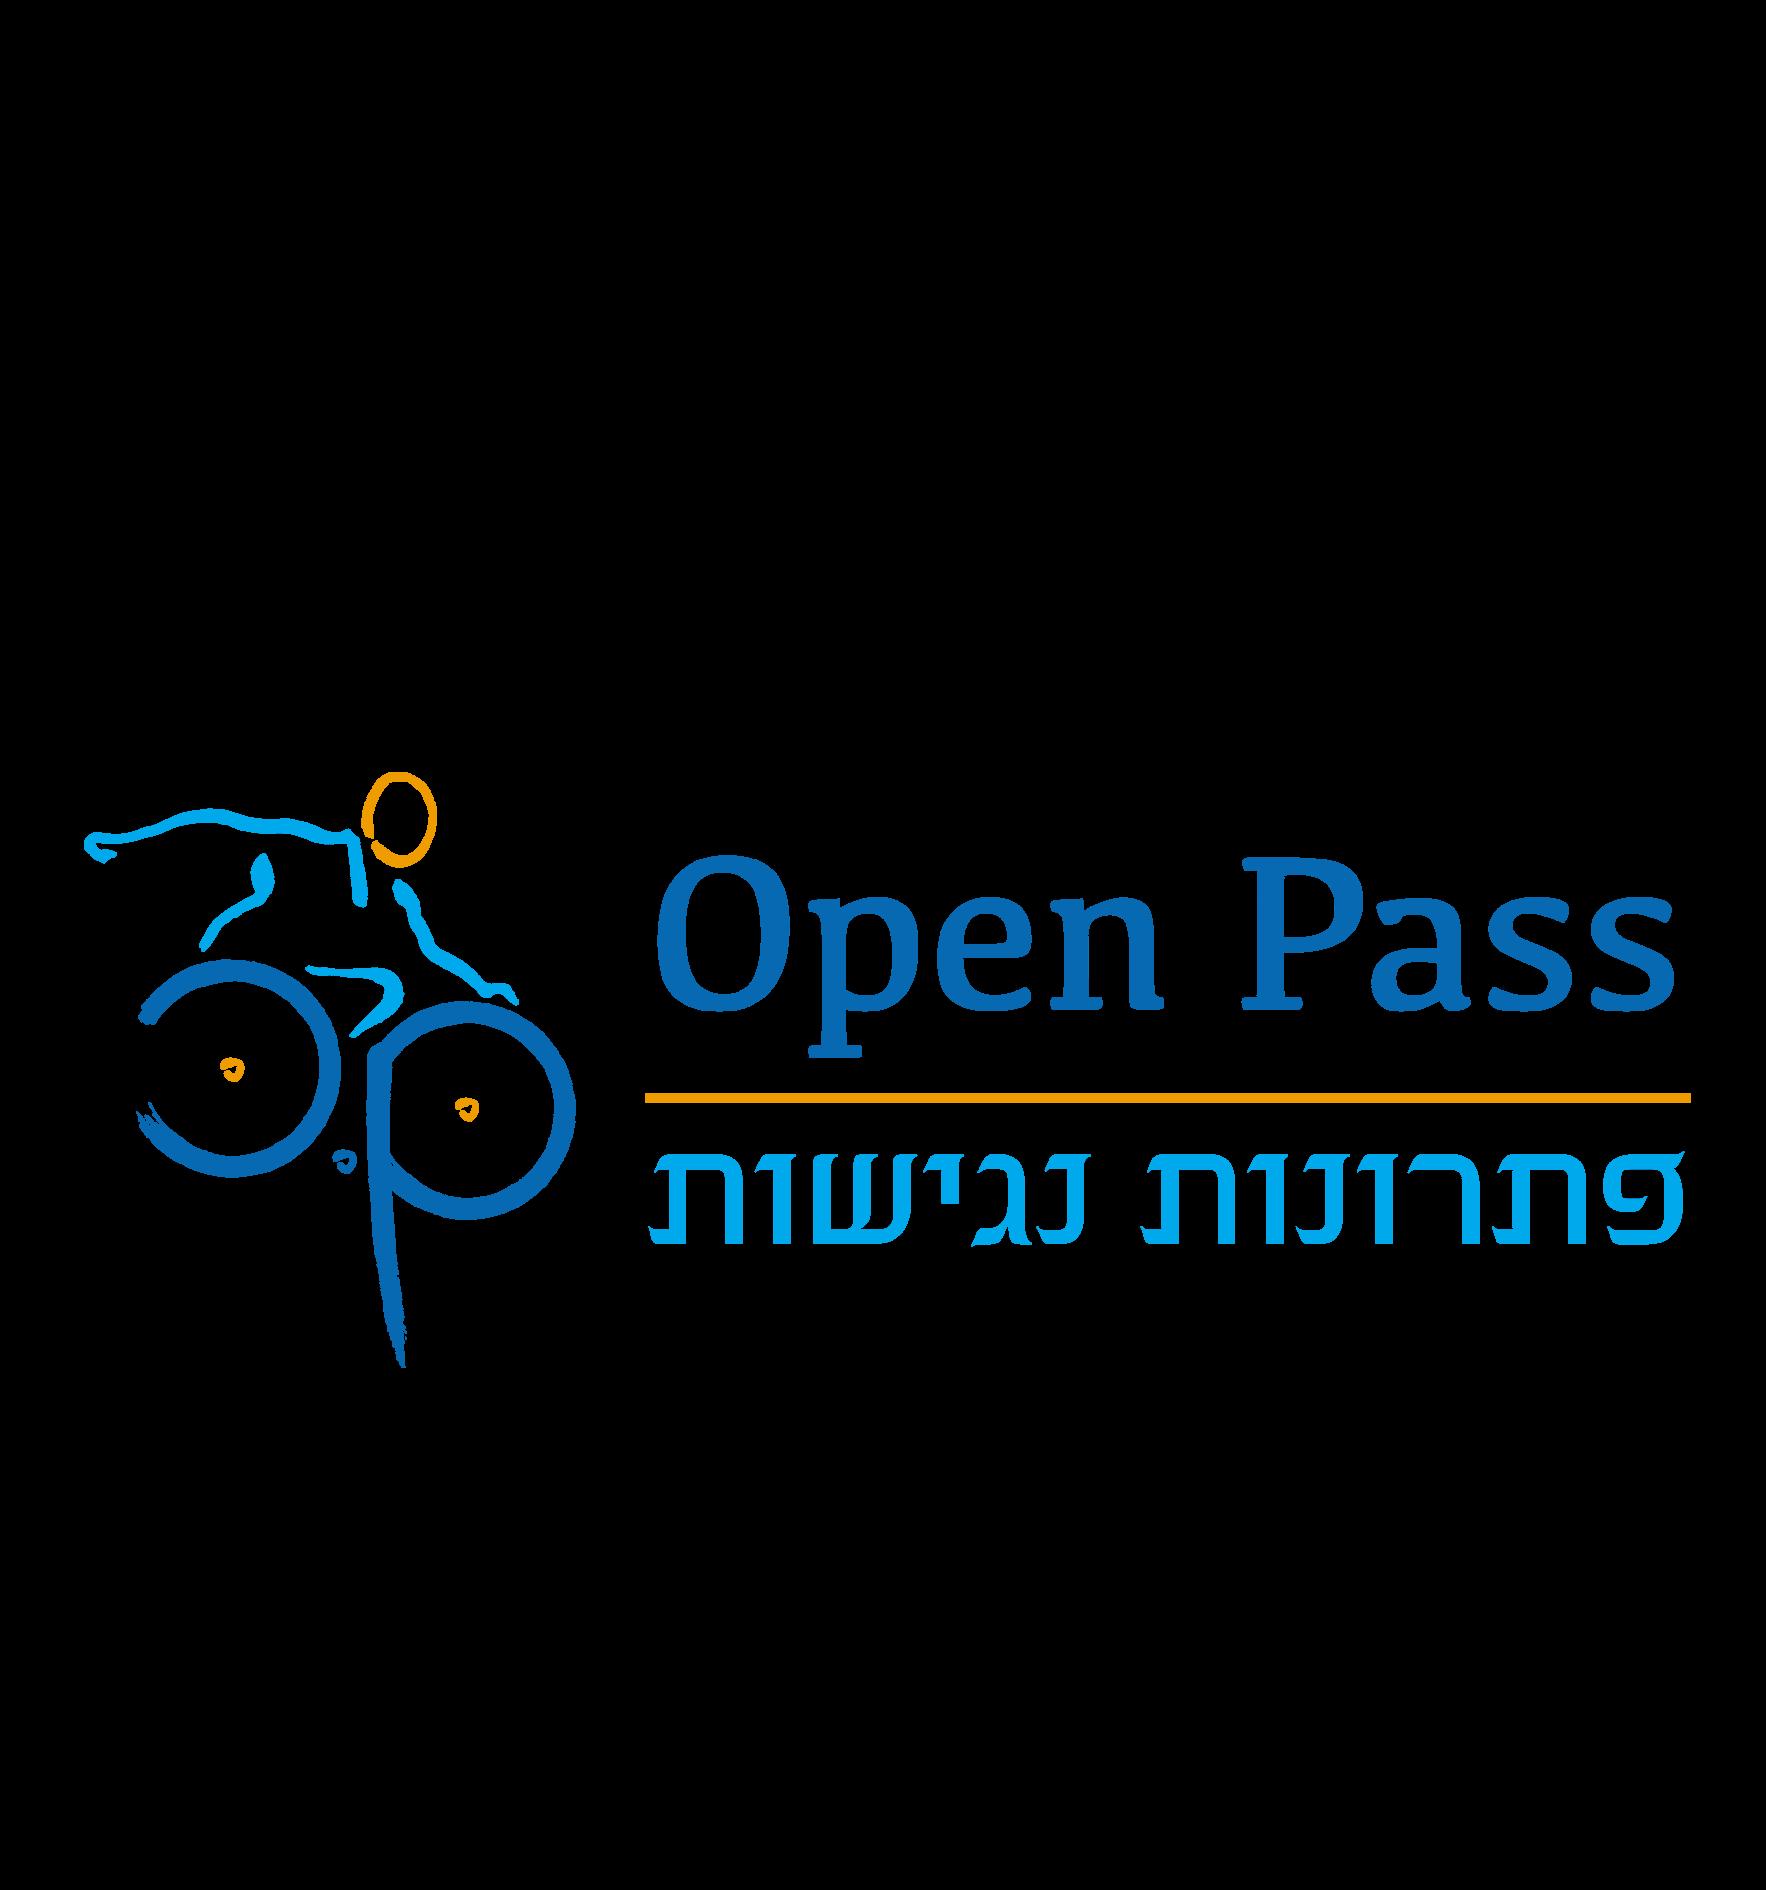 לוגו של חברת אופן פס